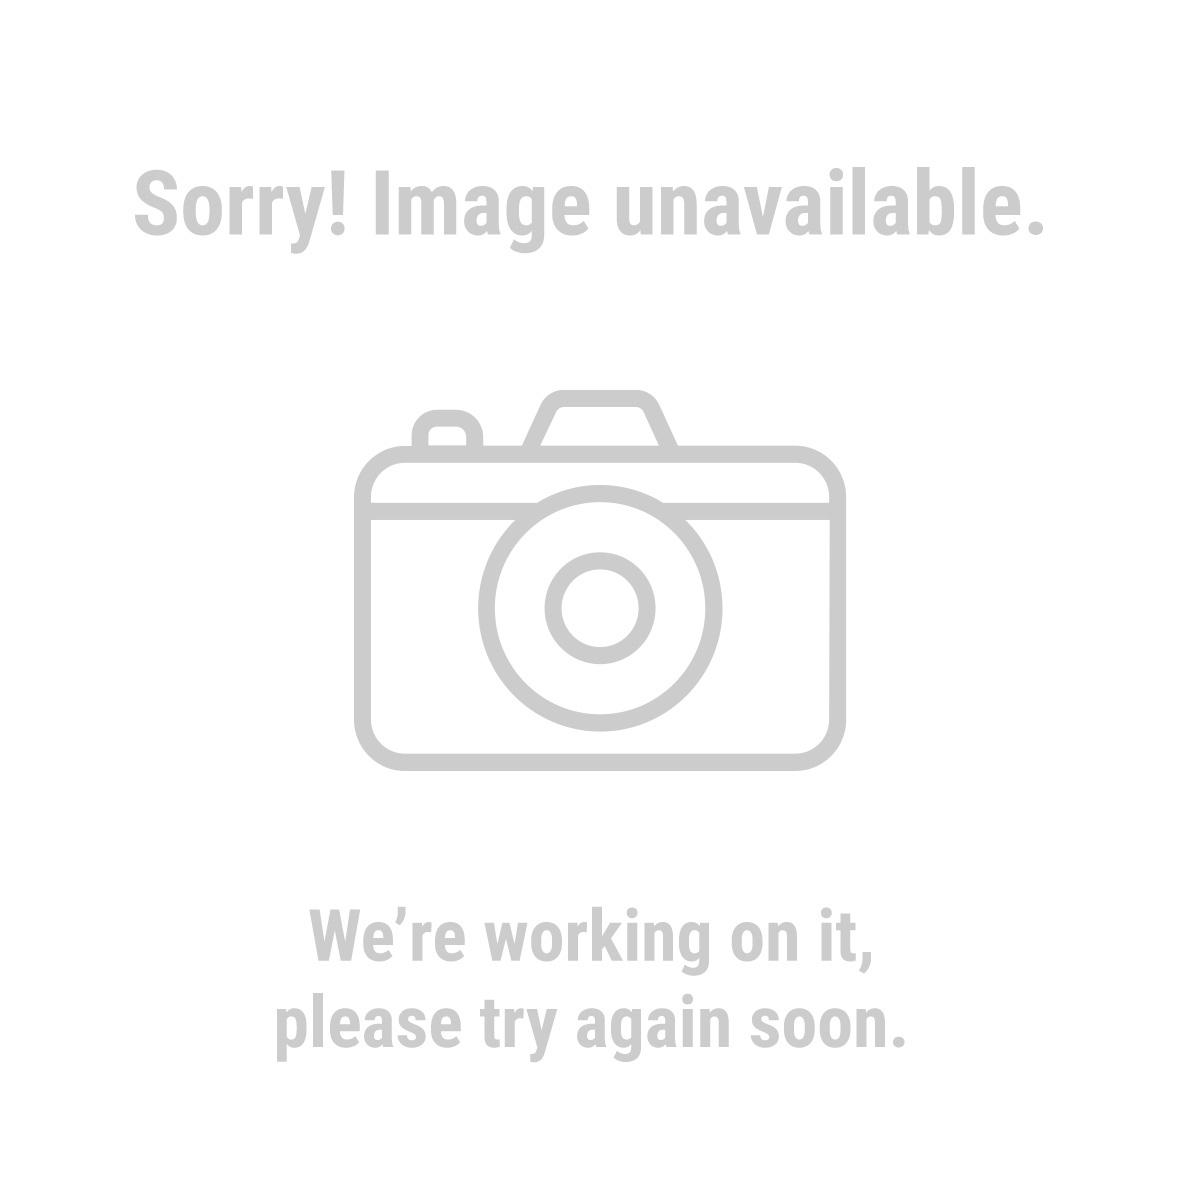 Predator Generators 63086 8750 Peak/7000 Running Watts, 13 HP (420cc) Generator EPA III